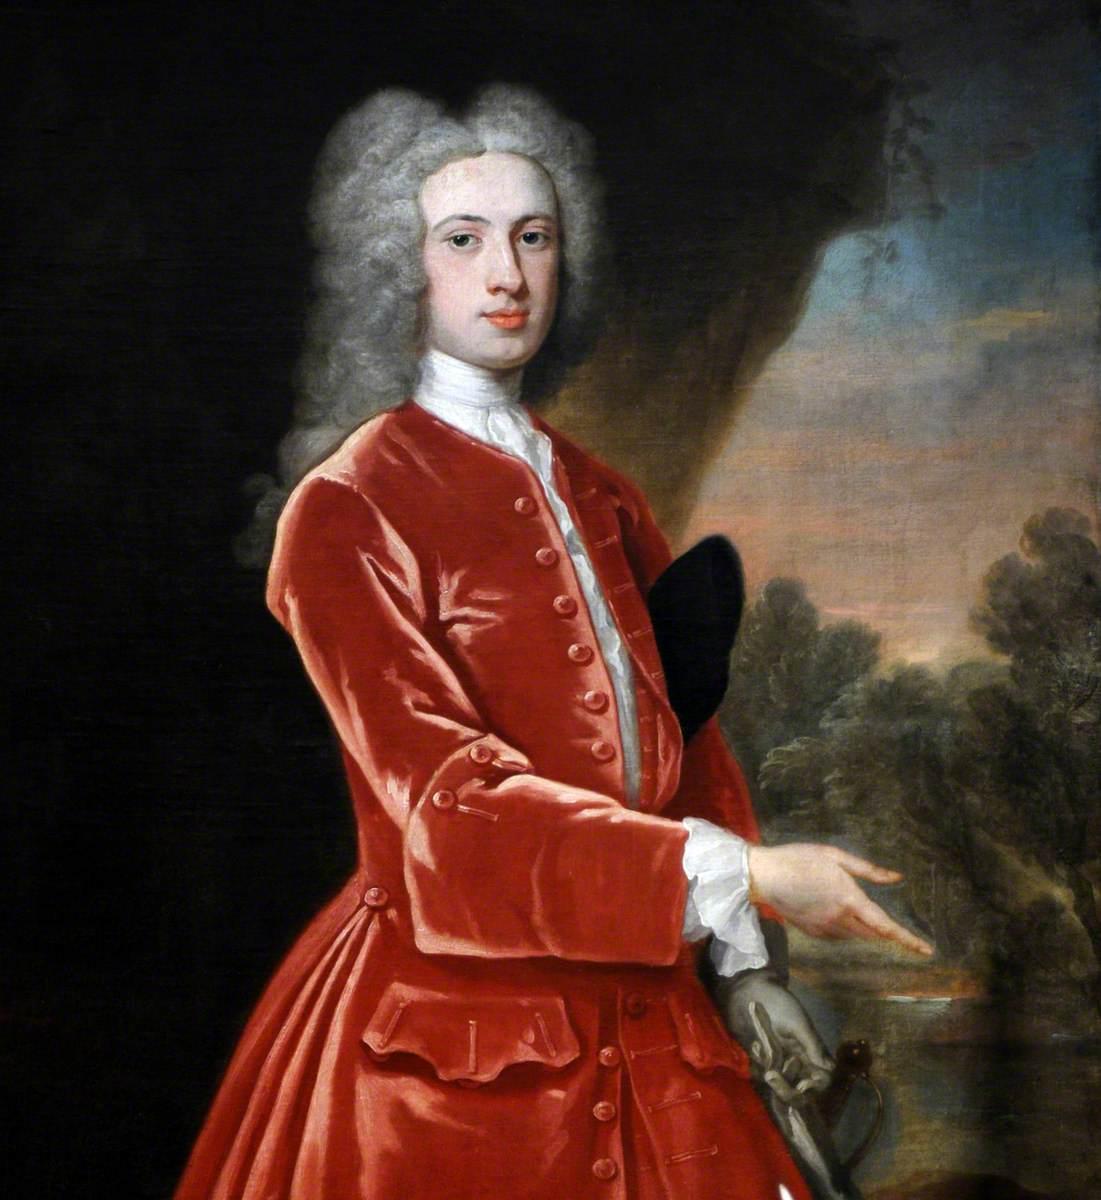 Sir Henry Harpur (1708–1748), 5th Bt